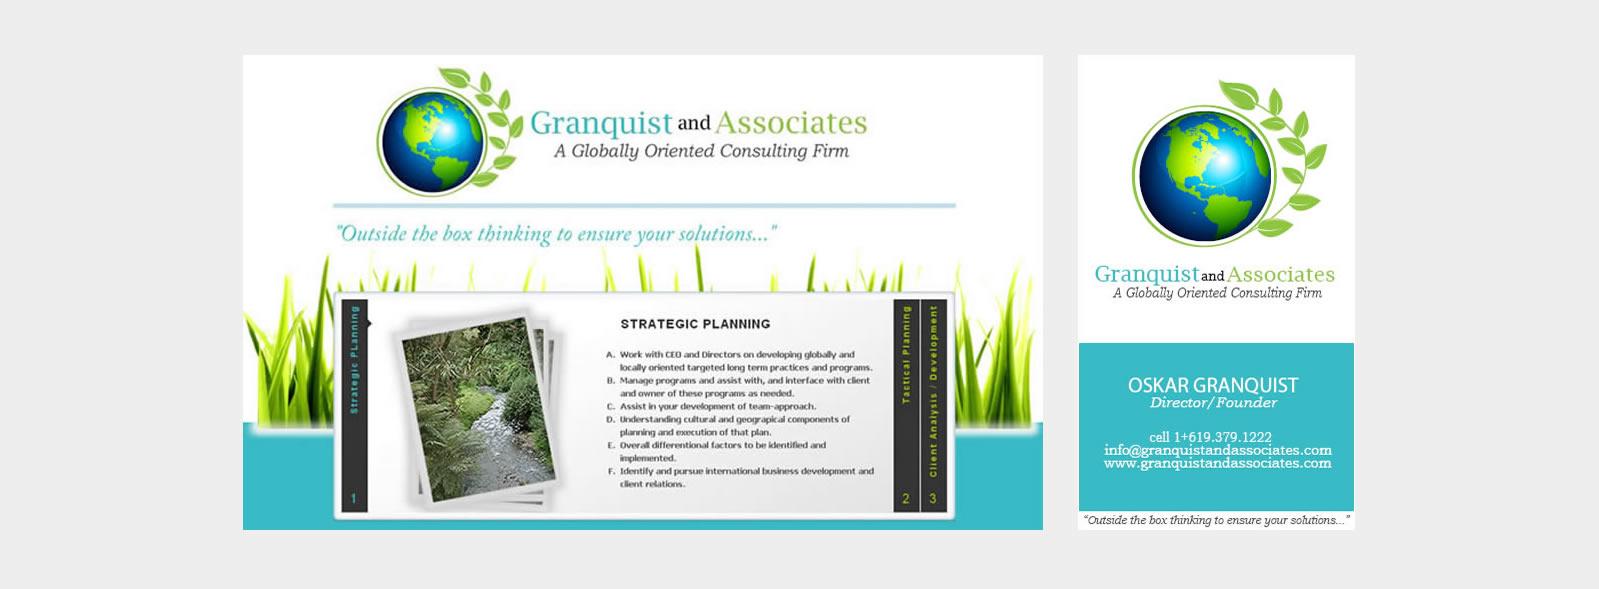 Granquist & Associates